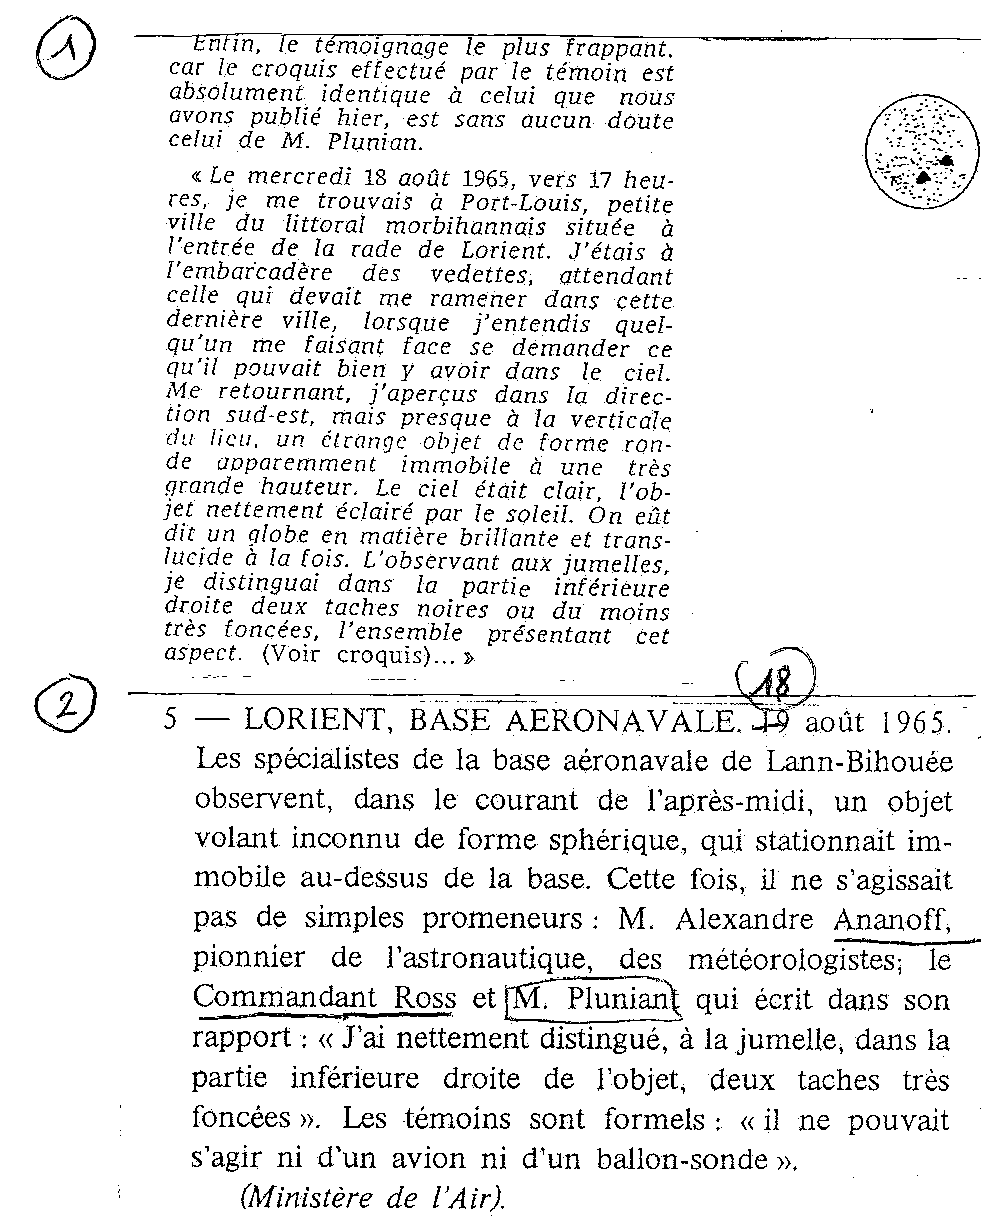 1967: le / à  - Disques lumineux - Forêt de Pontcalleck (56)  - Page 2 19655